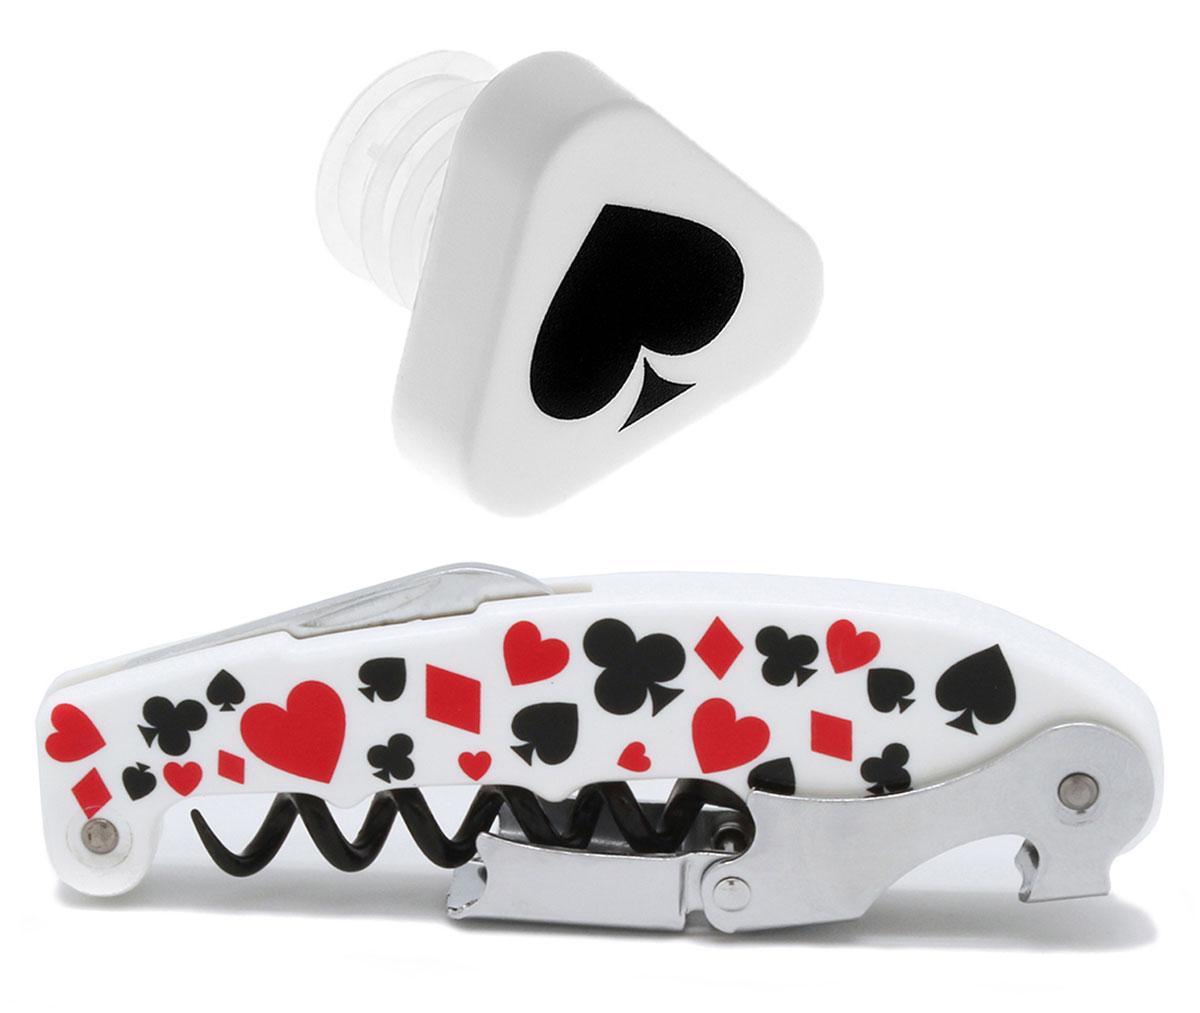 """Набор для вина """"Poker"""" от испанского бренда Koala выполнен в фирменном стиле знаменитой карточной игры. Готовое решение на подарок! Сет оптимален для домашнего использования.  В набор входят: штопор """"Retro"""", пробка-каплеуловитель.    Штопор """"Retro"""": - Позволяет комфортно срезать фольгу, легко и быстро открыть винные бутылки. - Рукоятка украшена """"карточным"""" принтом. - Спираль с тефлоновым покрытием легко входит в пробку, предотвращая ее разламывание. - Запатентованная технология - """"храповый механизм"""" двойного рычага с 7 позициями - обеспечивает комфортное извлечение пробки. - """"Умная головка"""" с 2-рычажной системой позволяет открыть бутылку двумя движениями.   Пробка-каплеуловитель: - Каплеуловитель хорошо фиксируется в горлышке. - Пробка декорирована пикой - самой сильной мастью карточной колоды. - Комфортно вставляется и вынимается из бутылки. - Предотвращает вытекание вина.        Произведено в Испании. Поставляется в подарочной упаковке."""